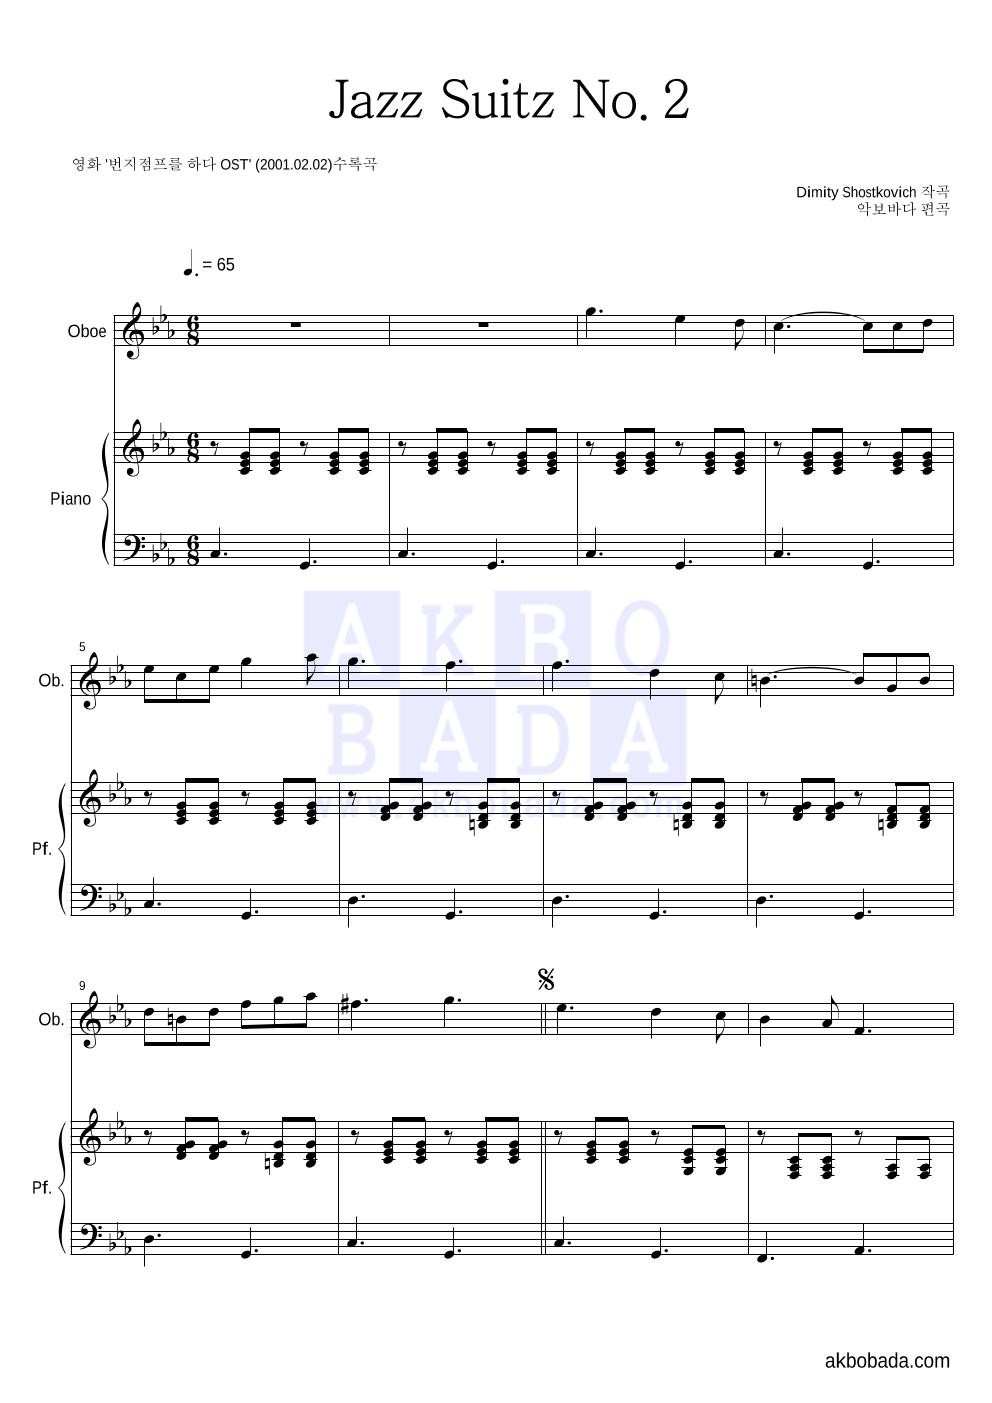 쇼스타코비치 - Waltz No.2 오보에&피아노 악보